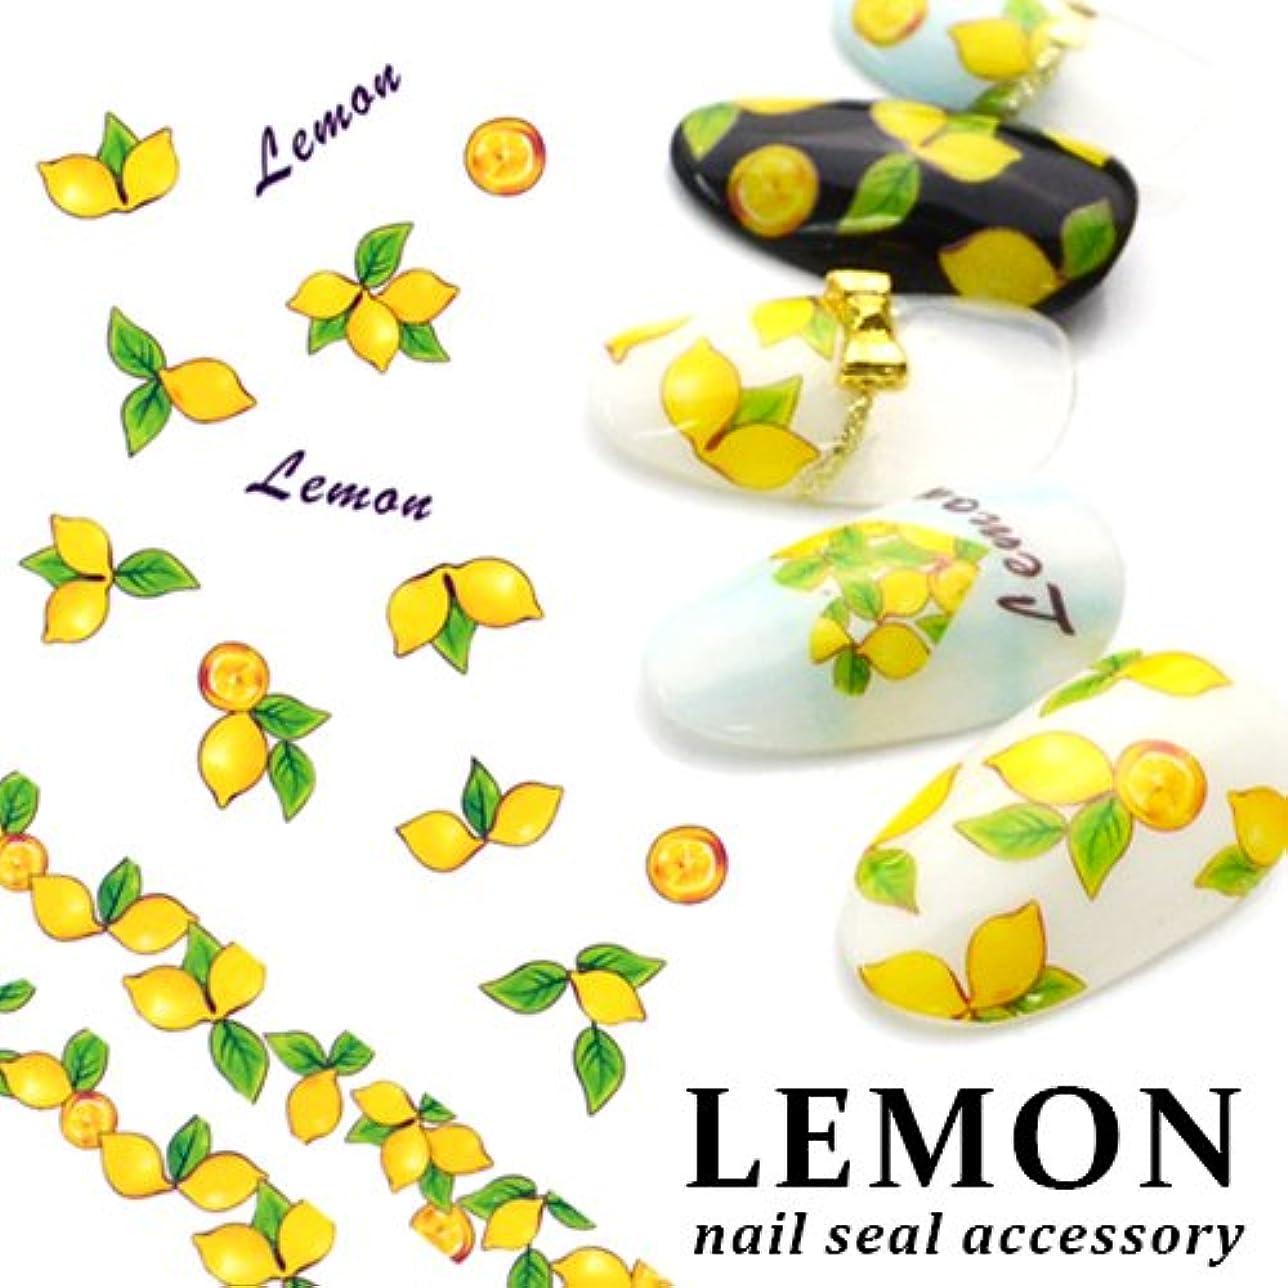 蒸発する狭い温帯夏派手ネイルを楽しく簡単に!レモン柄 フルーツ ネイルシール [DS-214] ウォーターネイルシール サマーネイルアート ジェルネイル